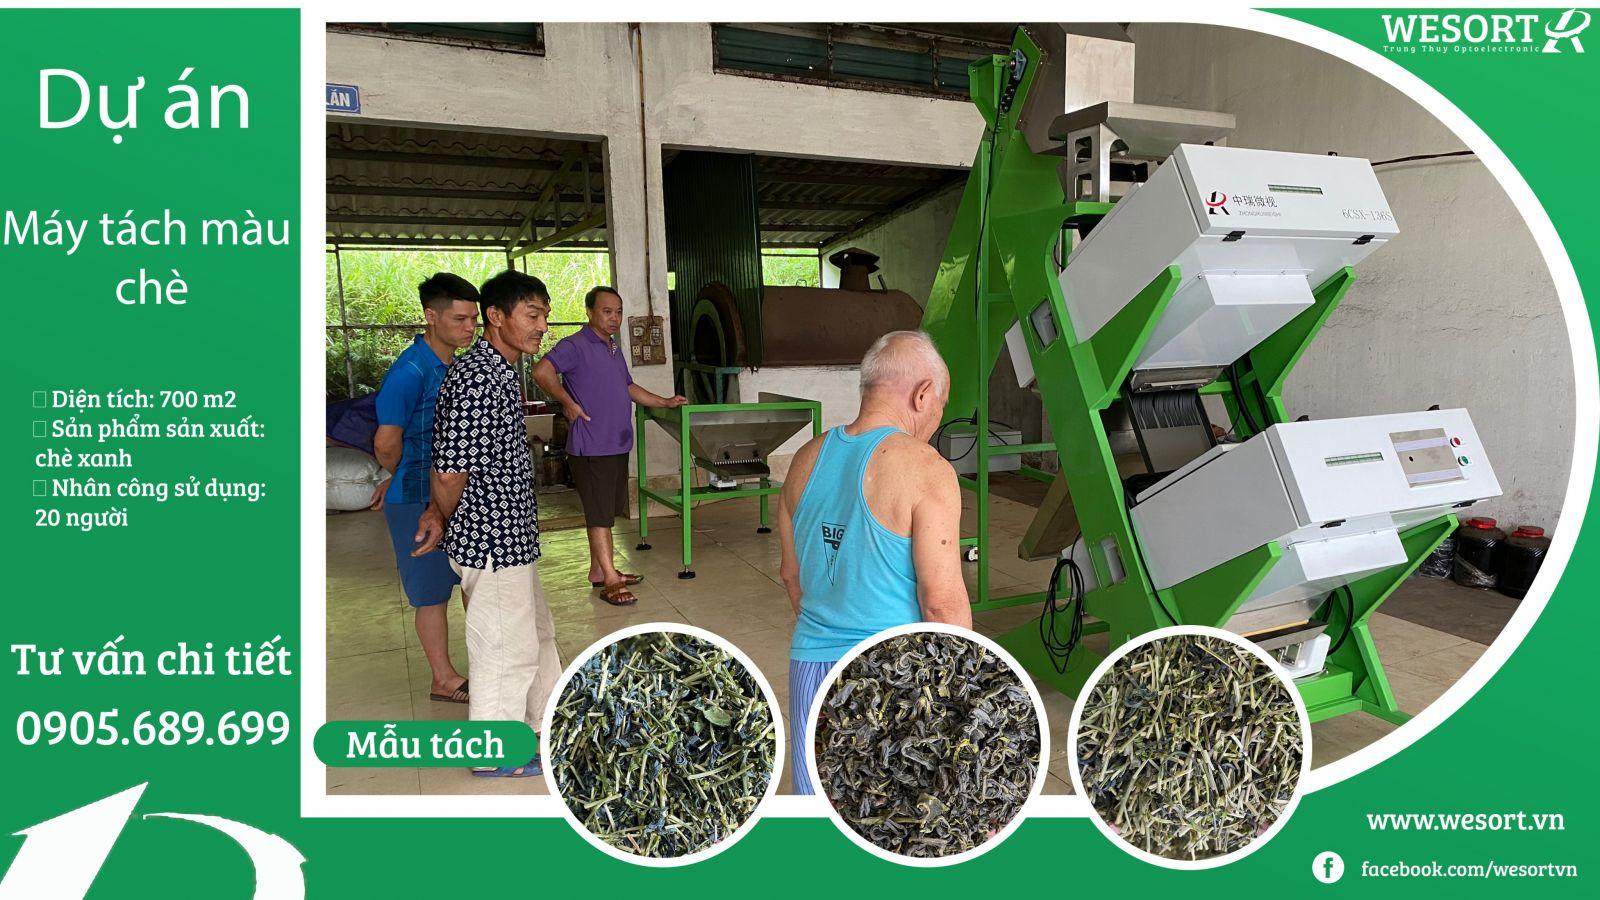 Máy tách màu chè (trà) xanh-dự án Wesort (trung thụy)